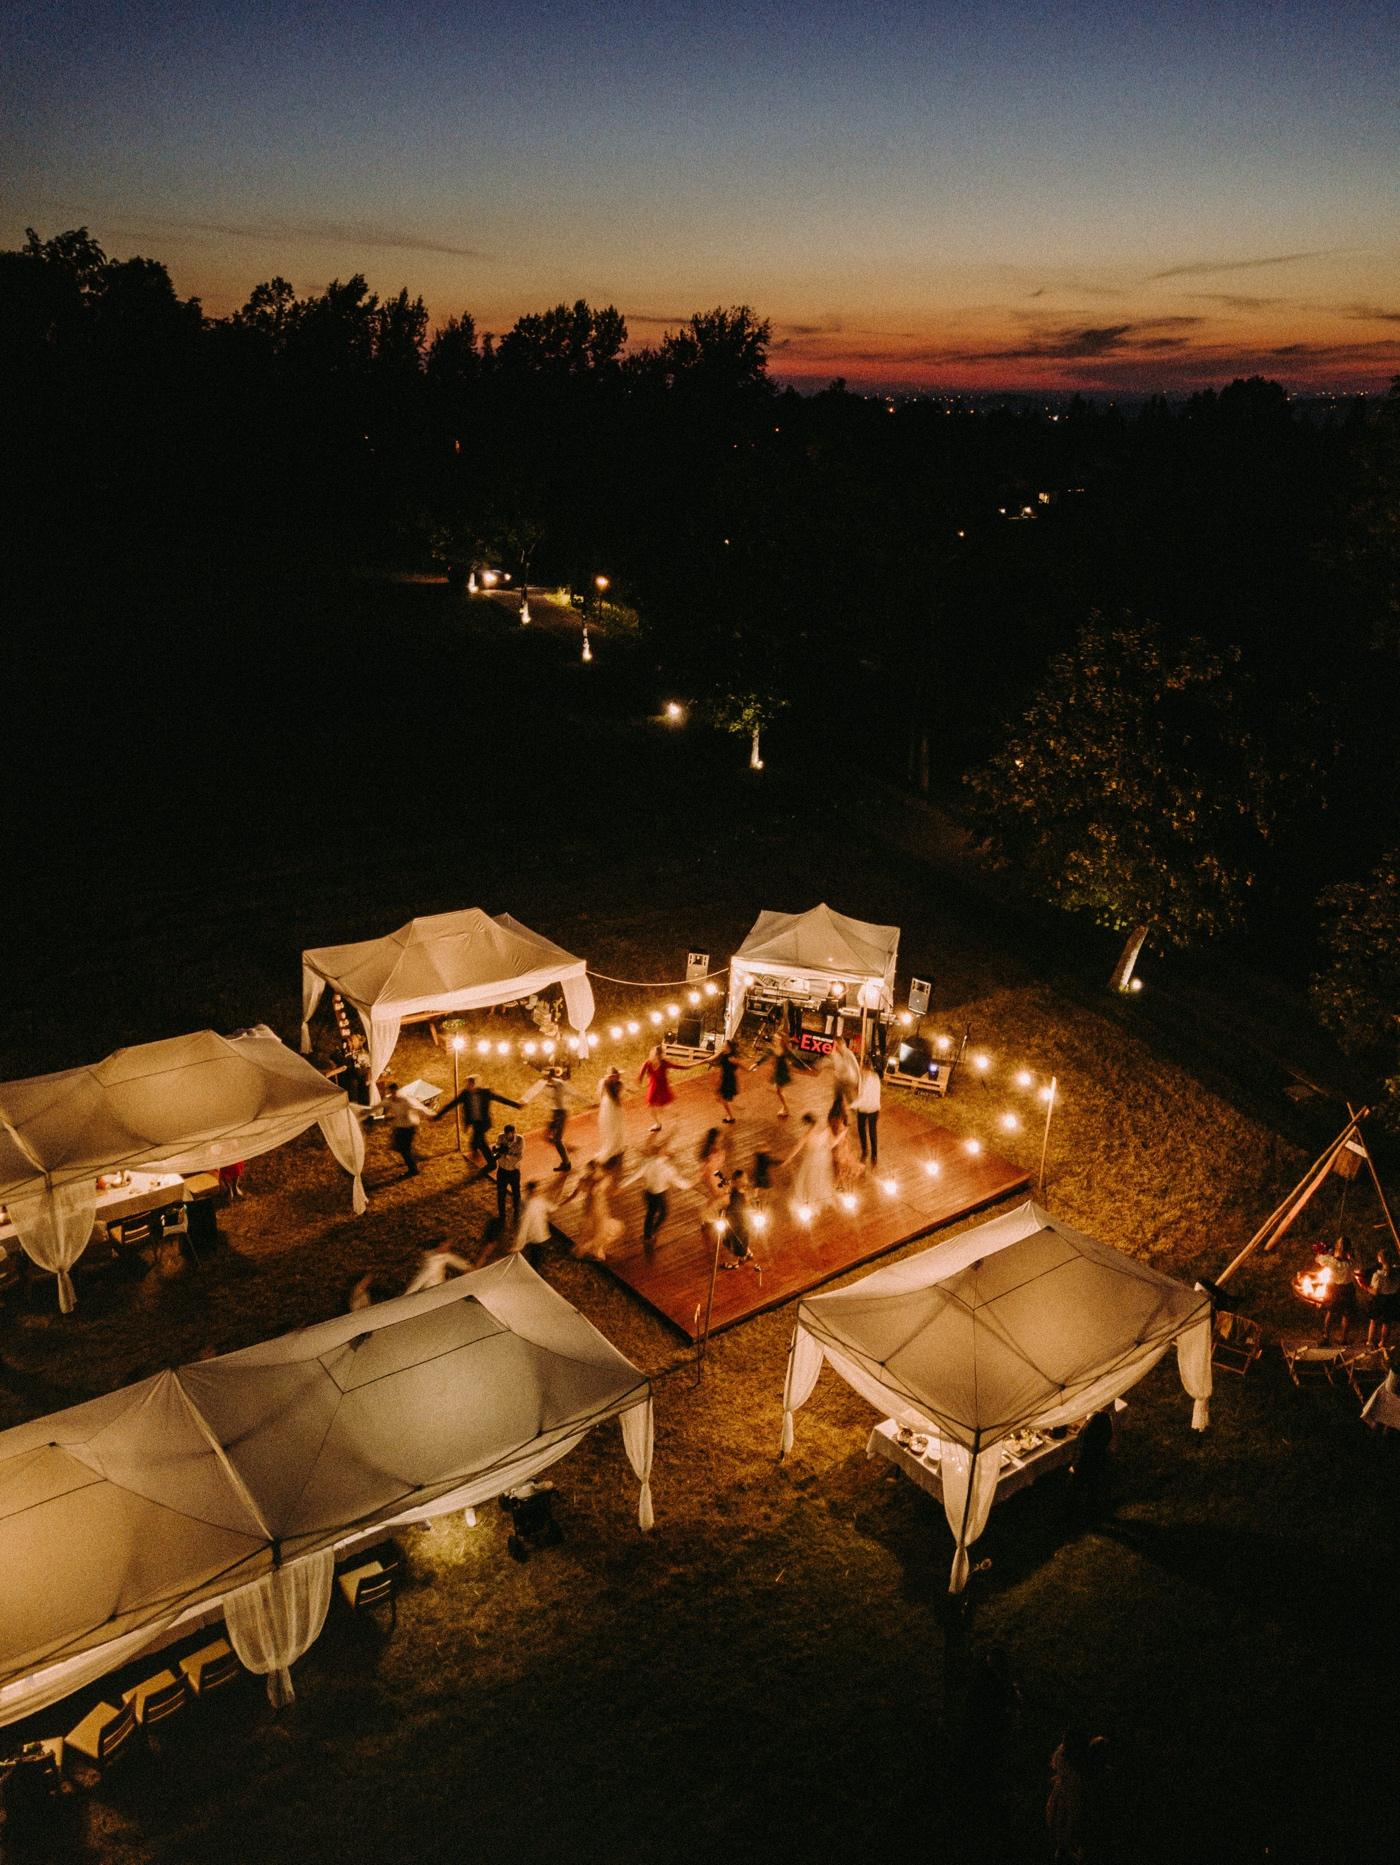 wesele pod namiotami w górach nałęże jaworze gościniec szumny dron w nocy światełka